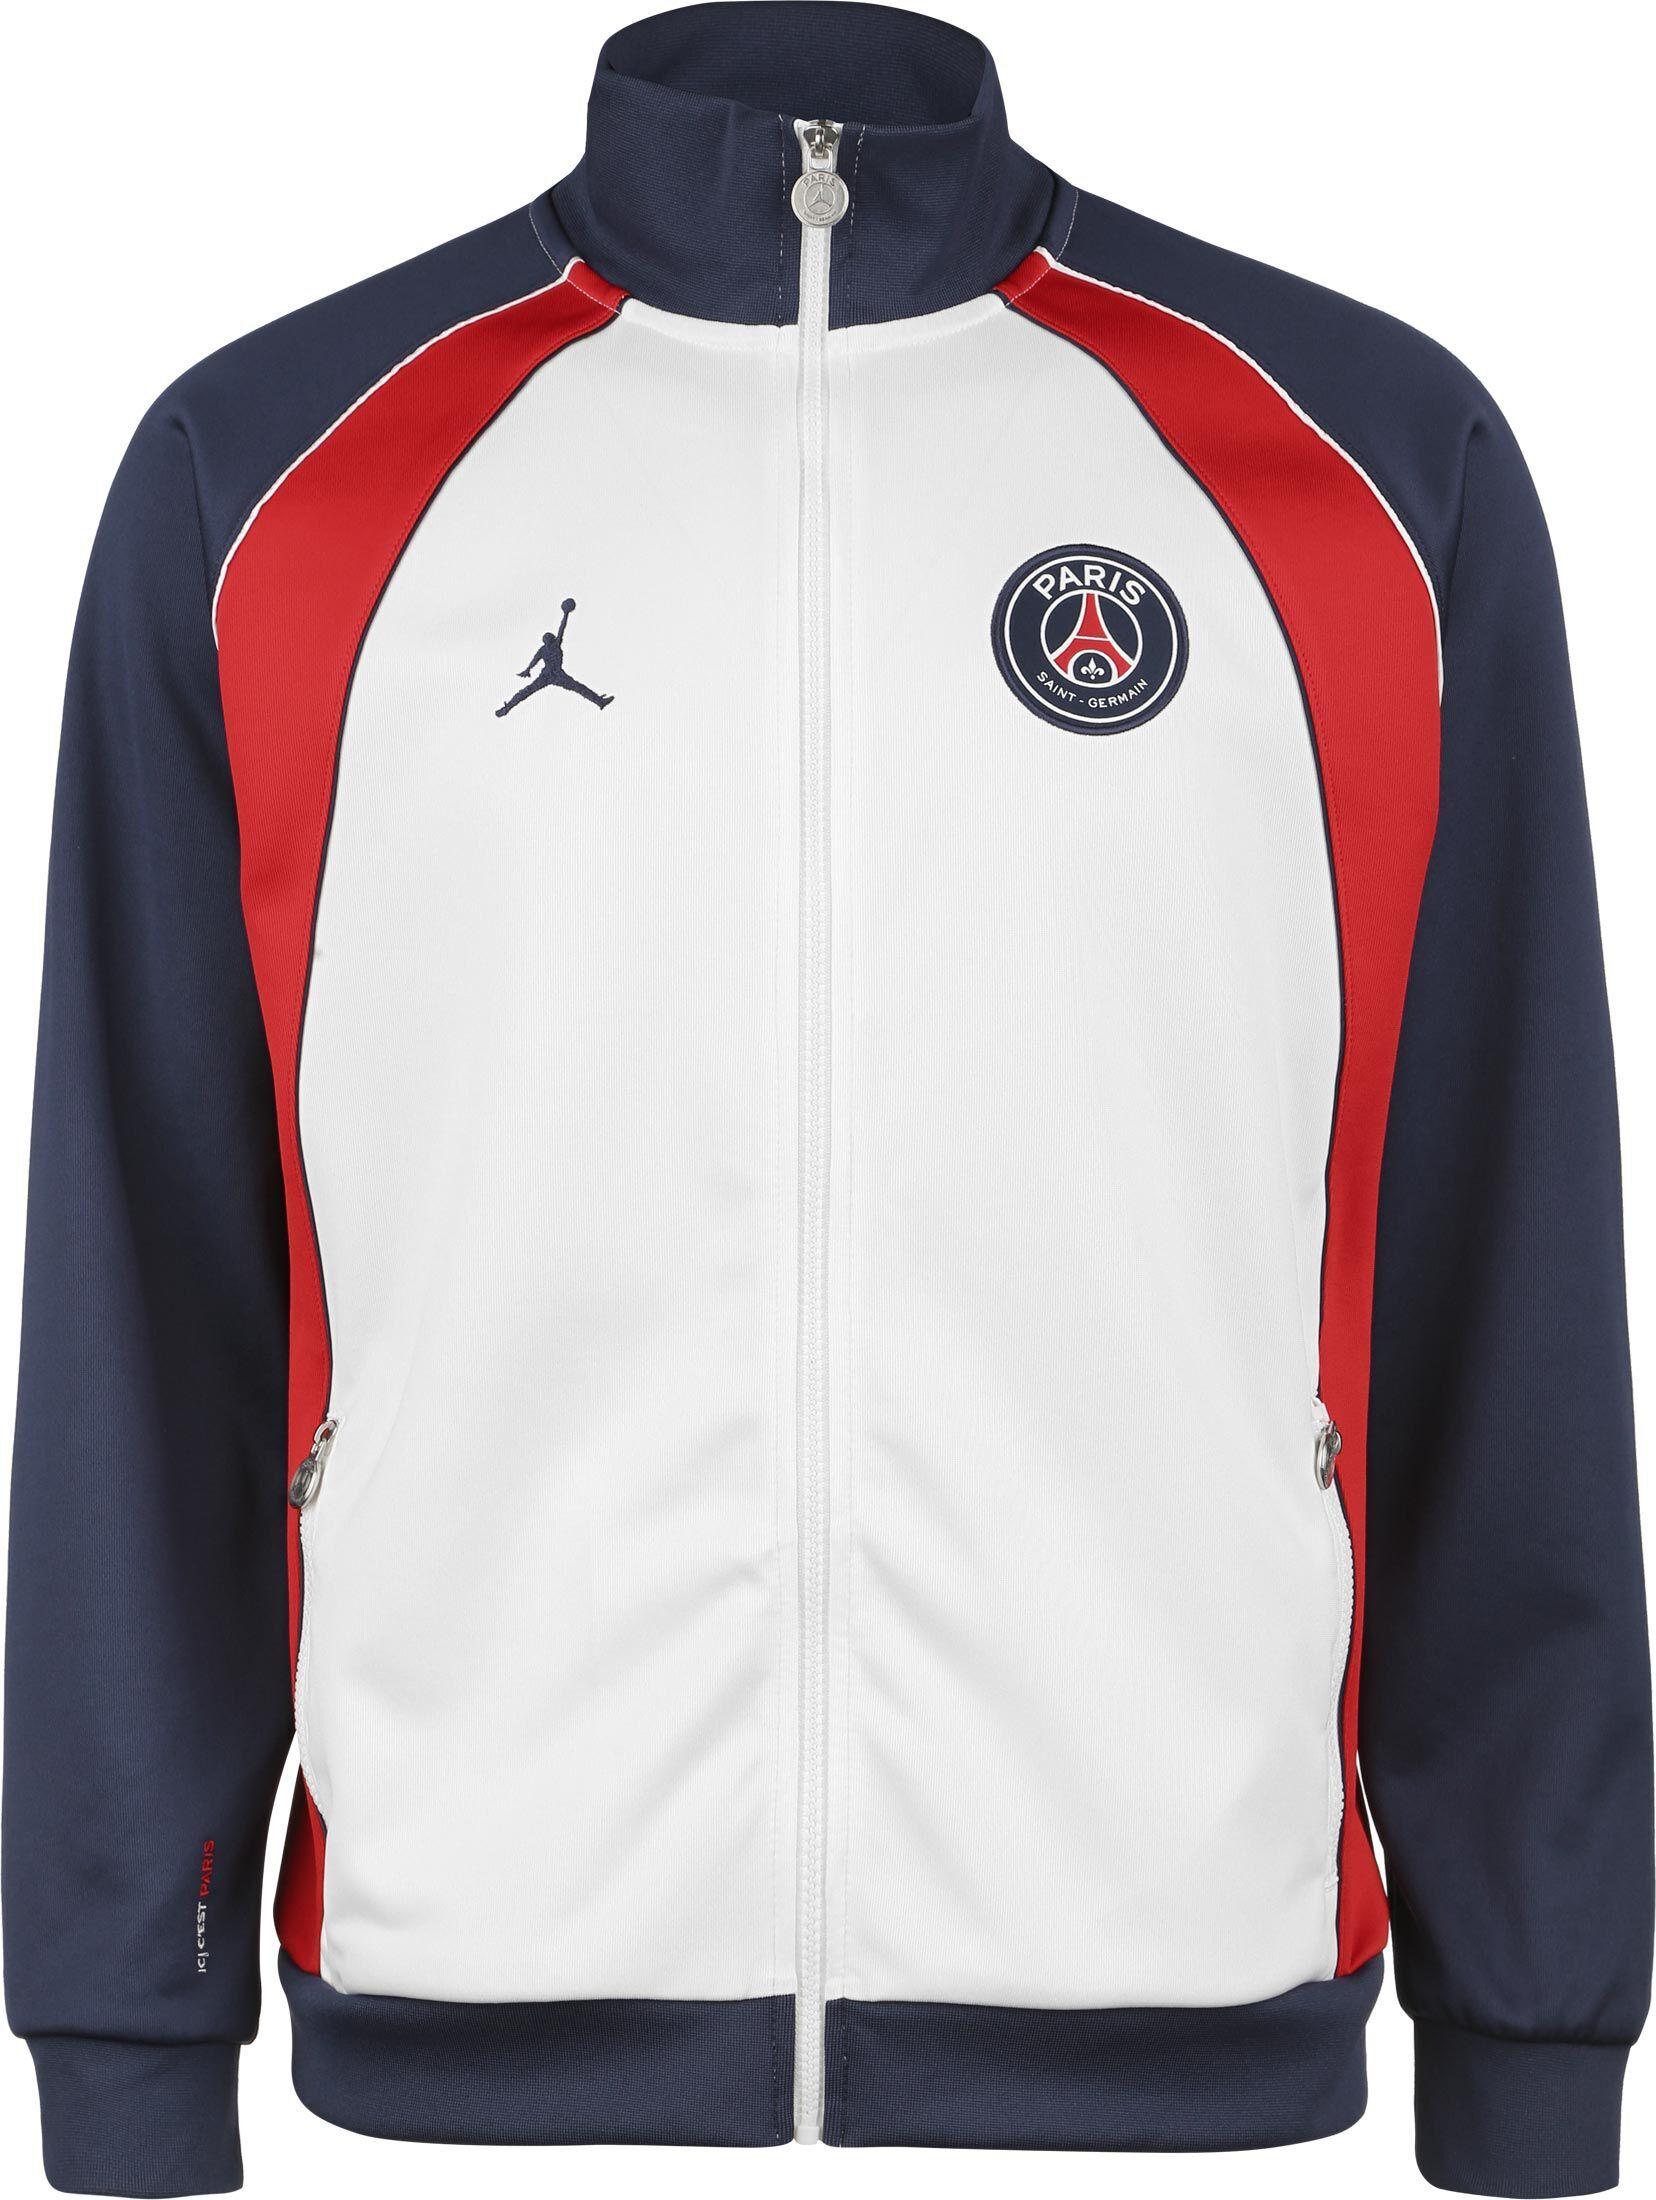 Jordan Paris Saint-Germain, taille XL, homme, blanc bleu rouge